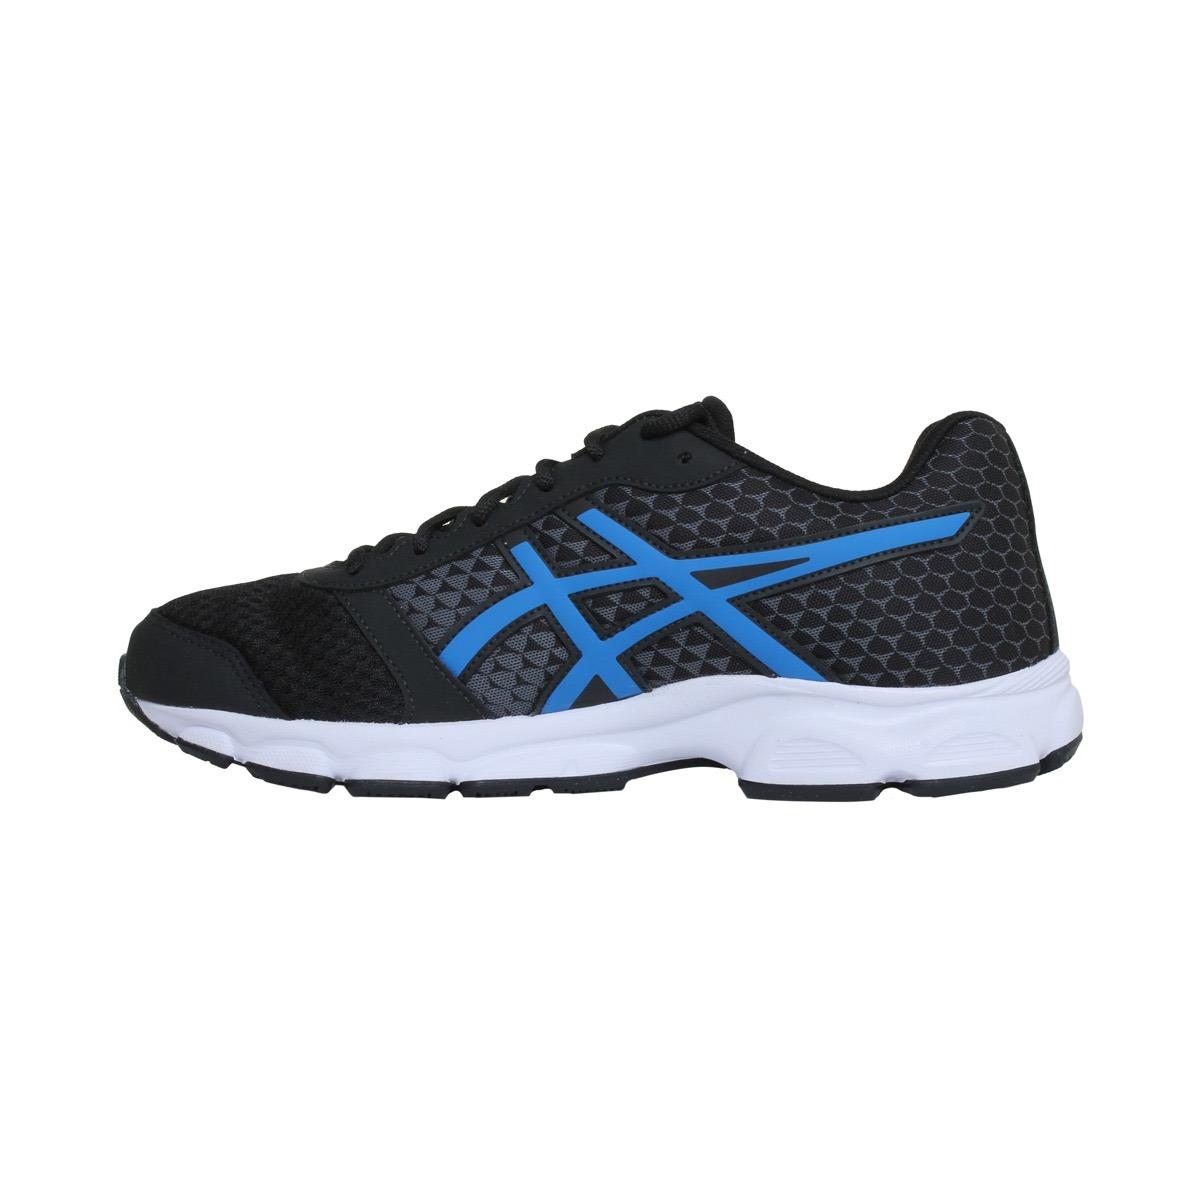 oferta zapatillas asics gel patriot 8 de hombre para running. Cargando zoom. 738960c09f58a